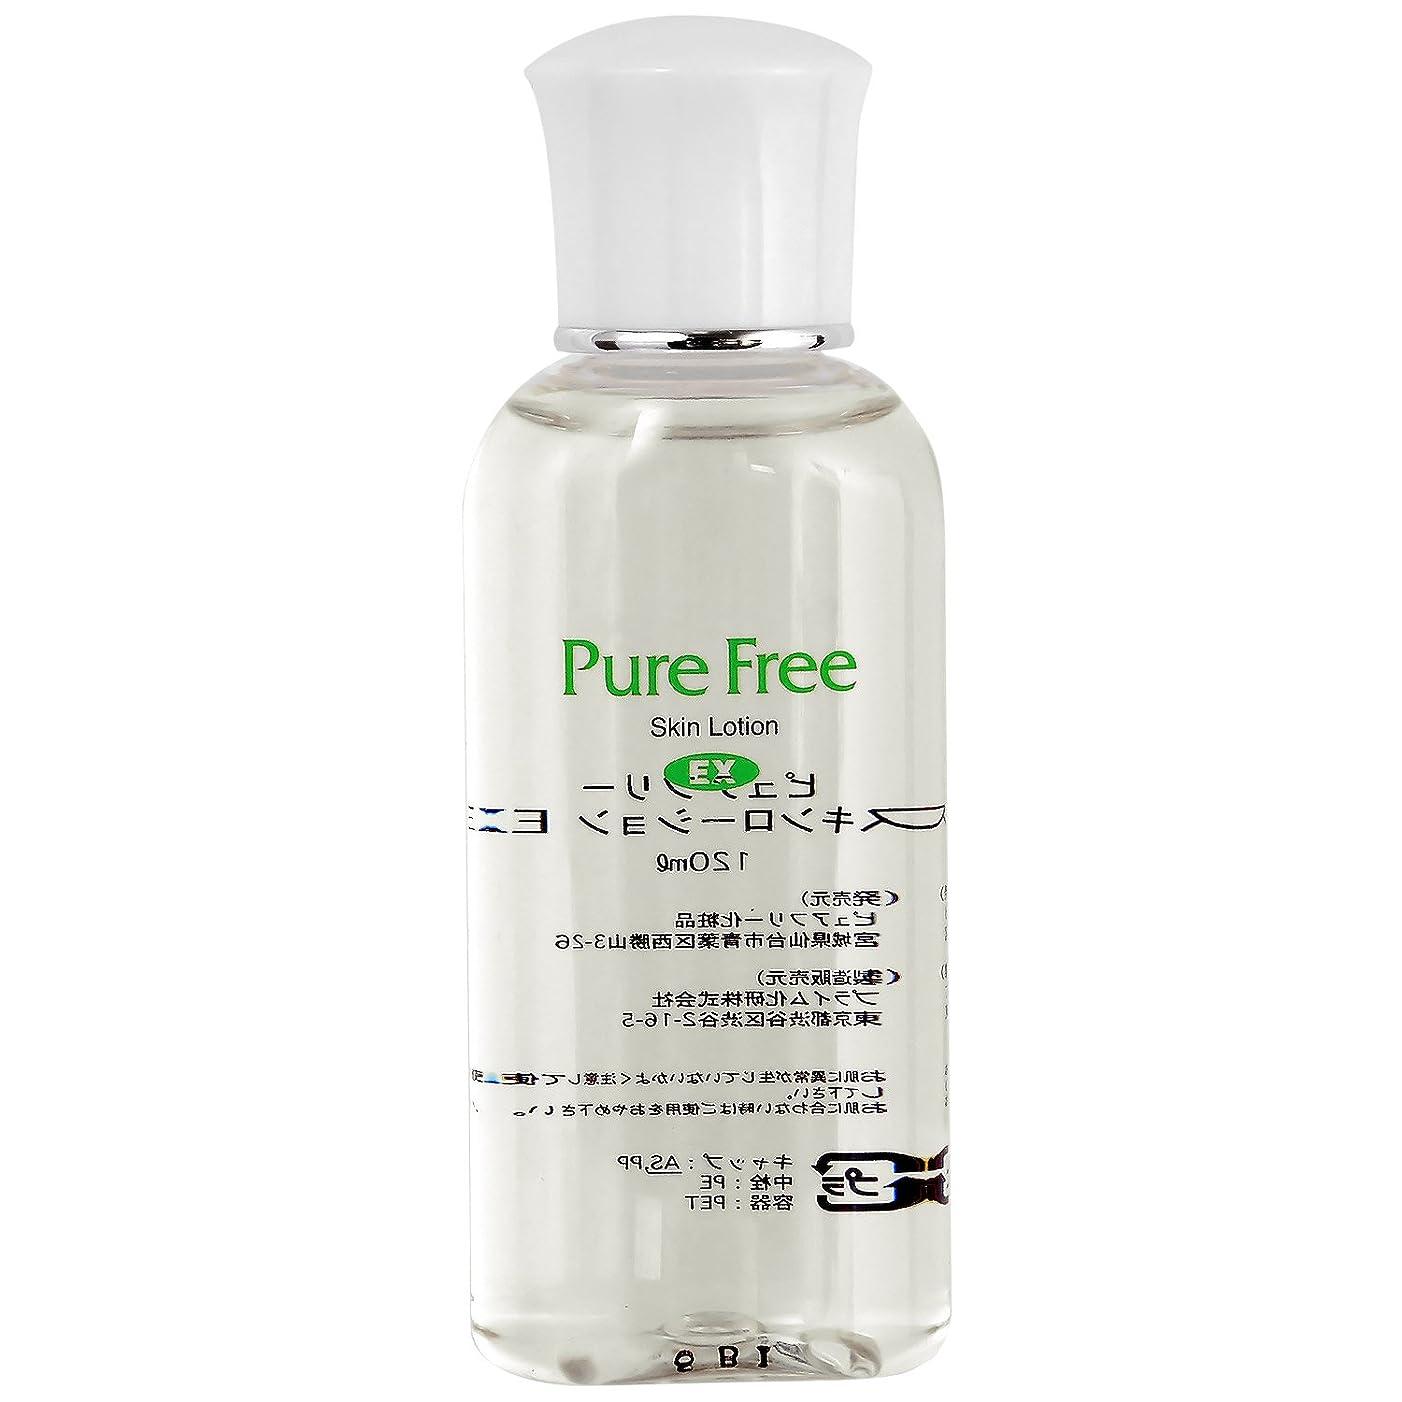 レジデンス無傷通り抜けるPure Free (ピュアフリー) スキンローションEX 正規品 化粧水 保湿用水分 オーガニック